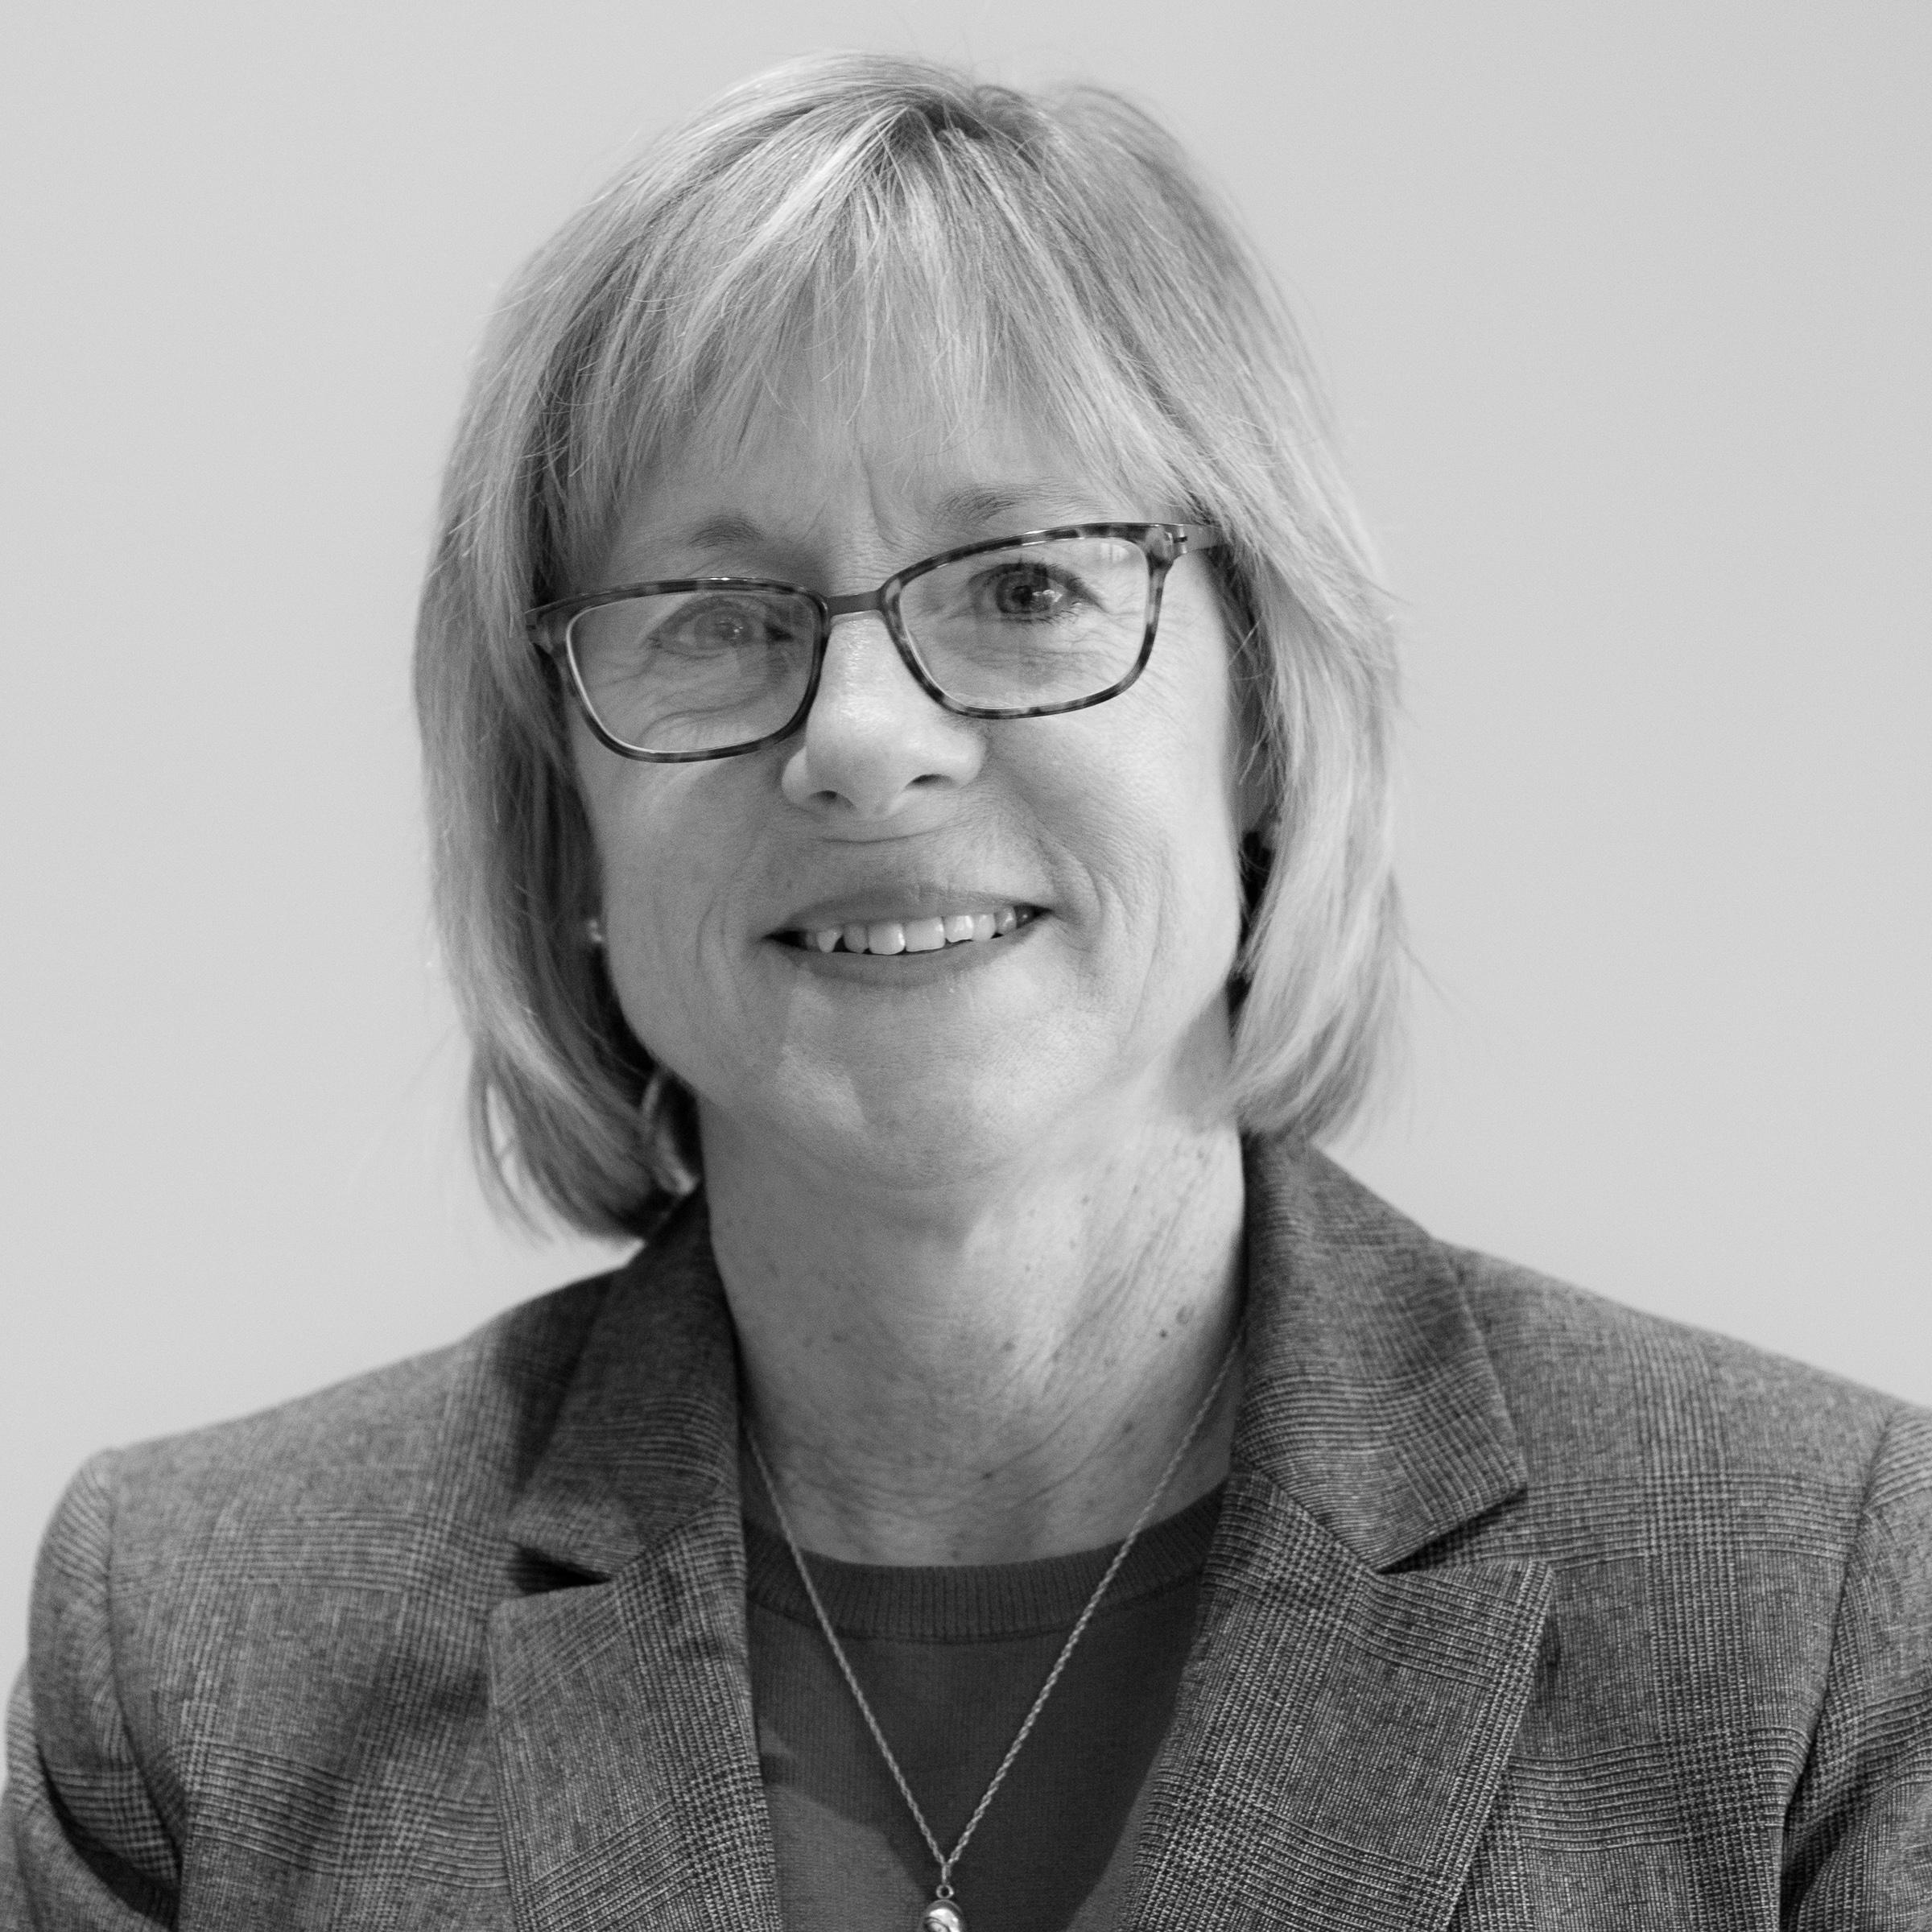 Lisa Odenbeck